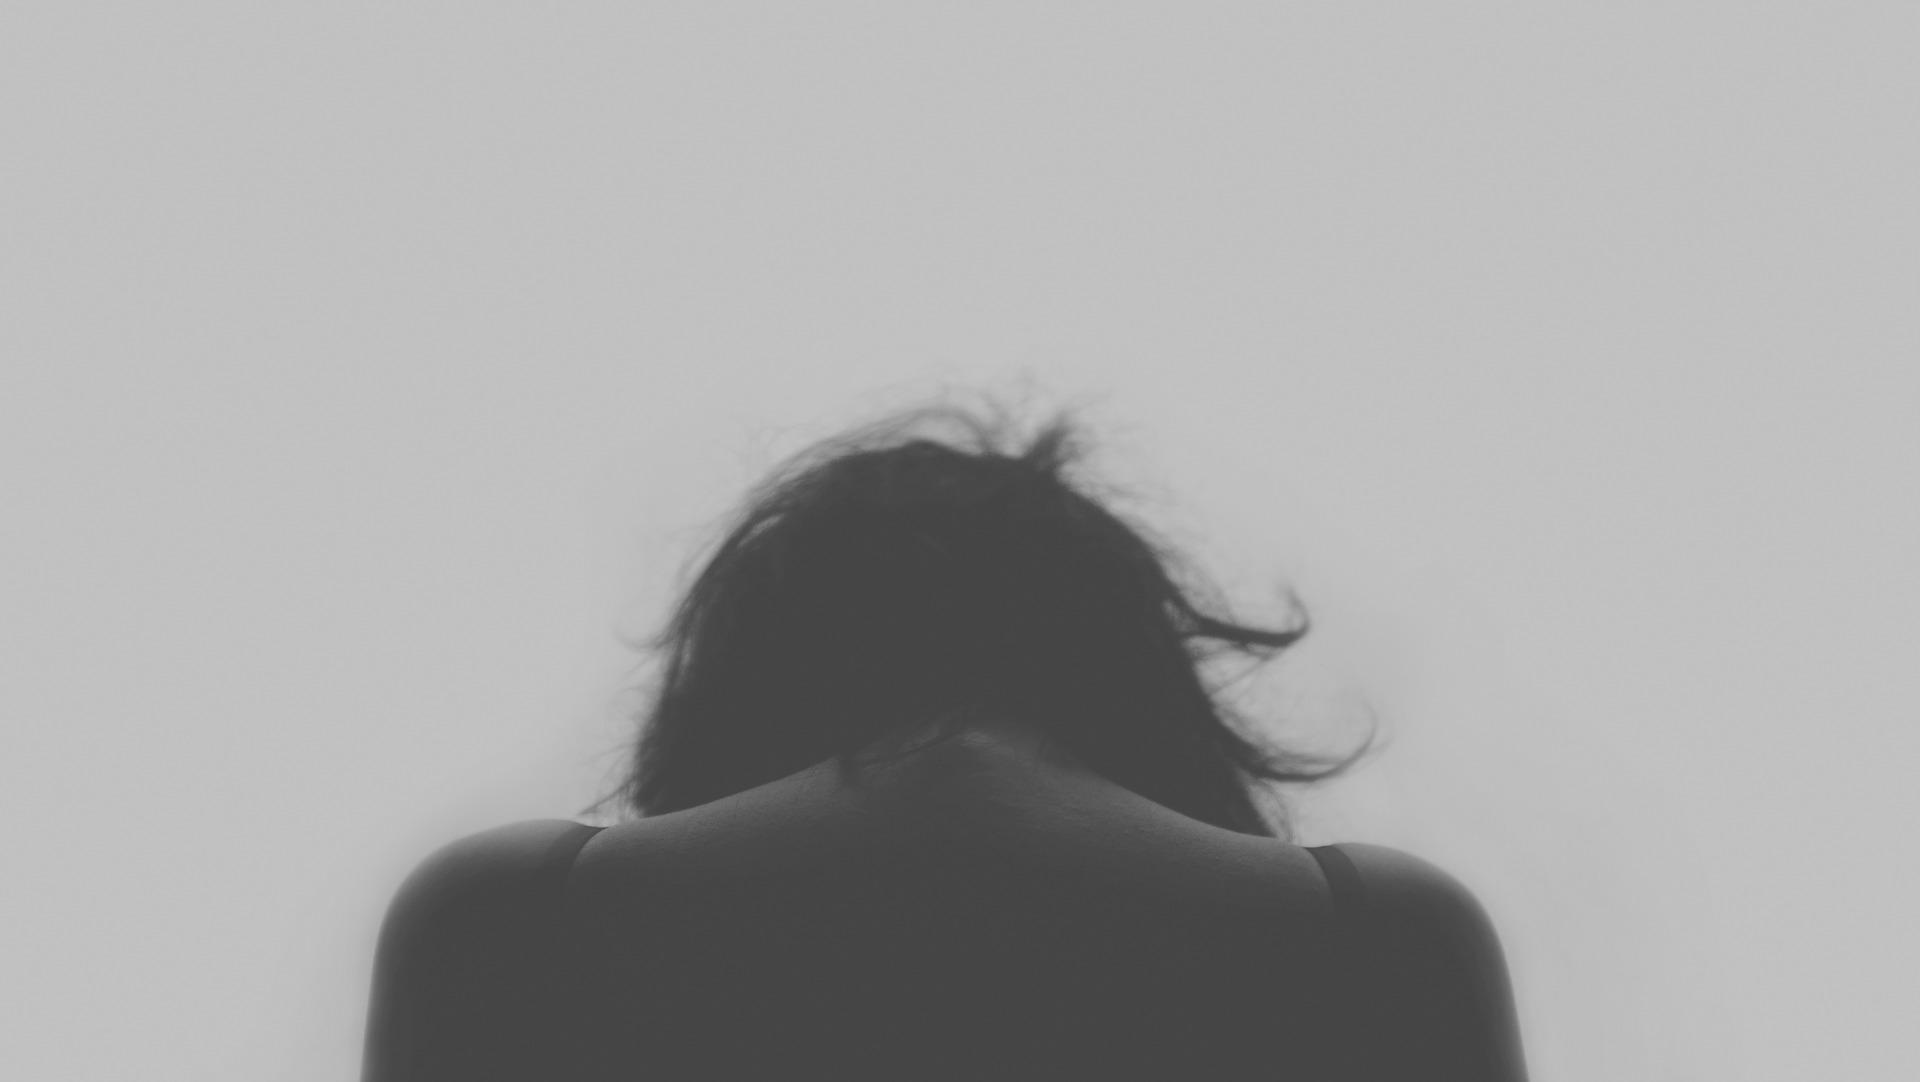 Síndrome de la persona esponja